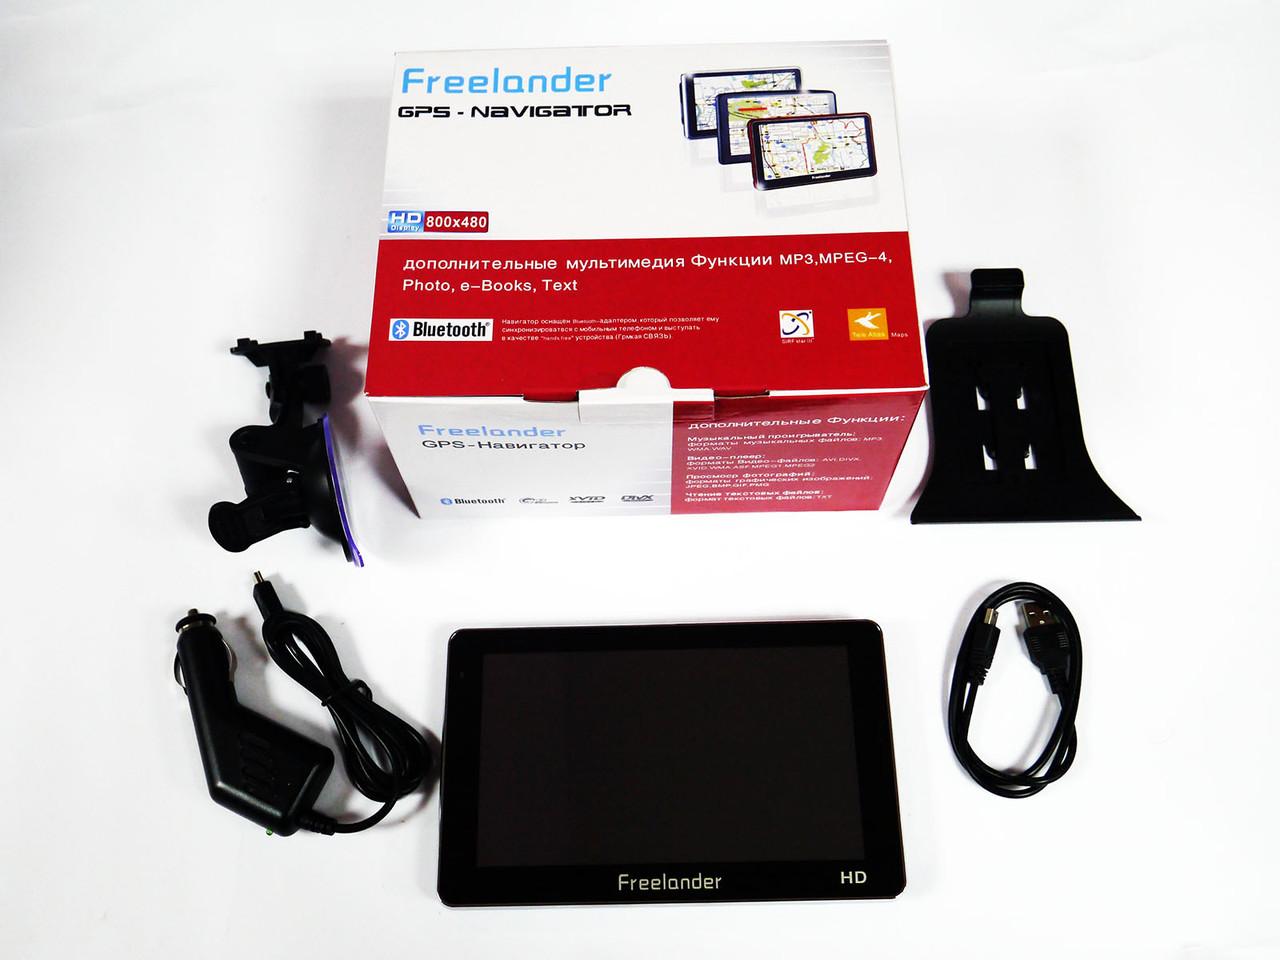 """7"""" GPS Навигатор  Freelander G712BT 4Gb+AV-in+BT"""